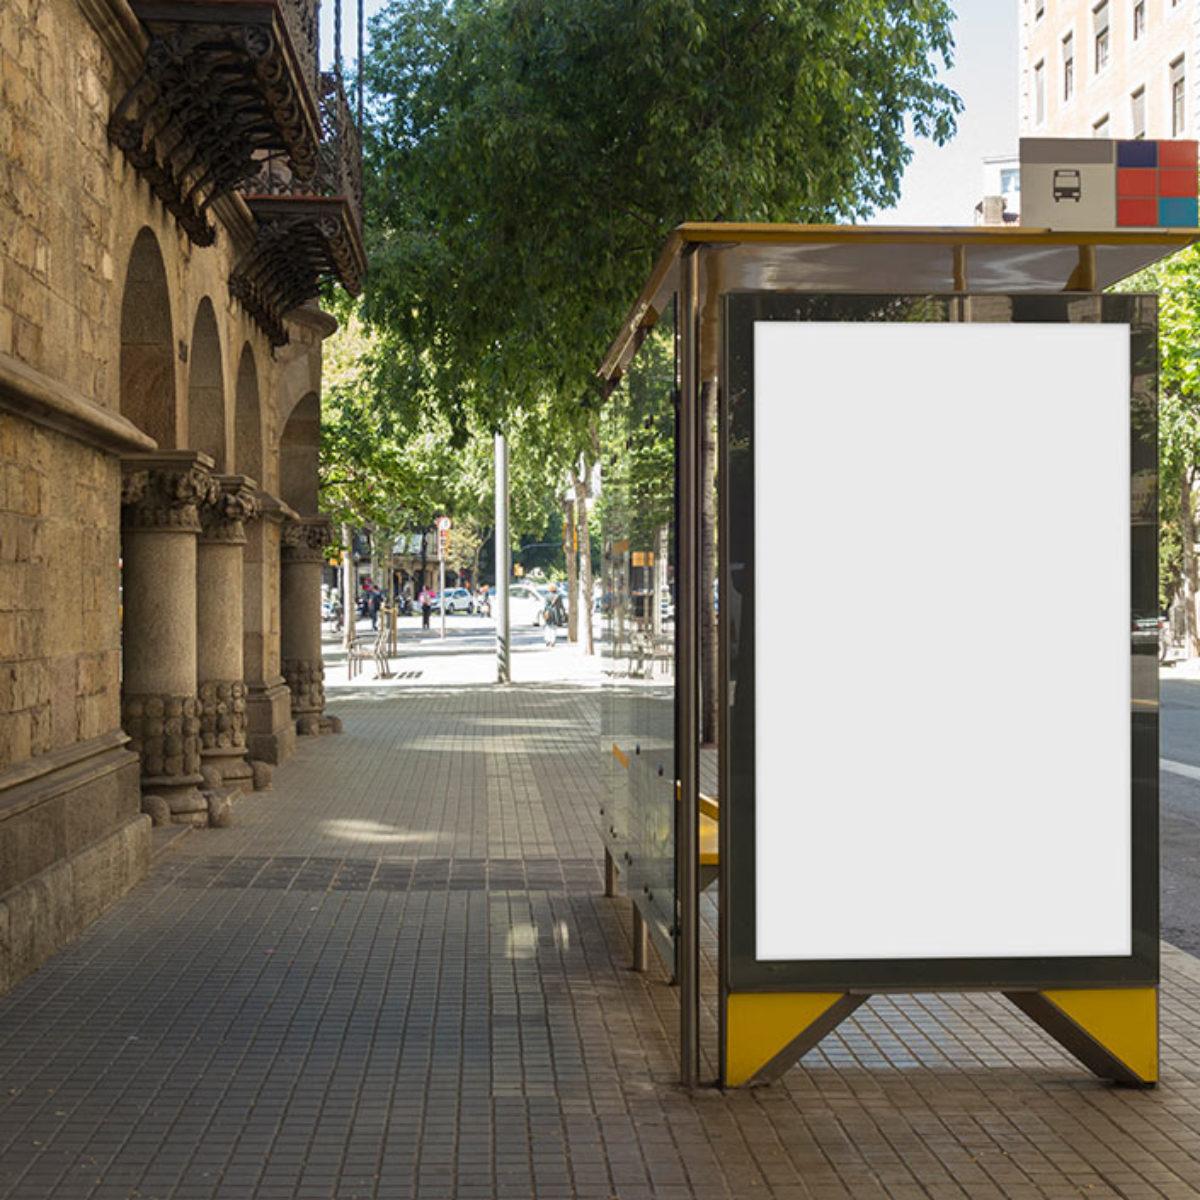 Plakate, Außenwerbung, Großflächenwerbung - Konstanz, Radolfzell, Singen